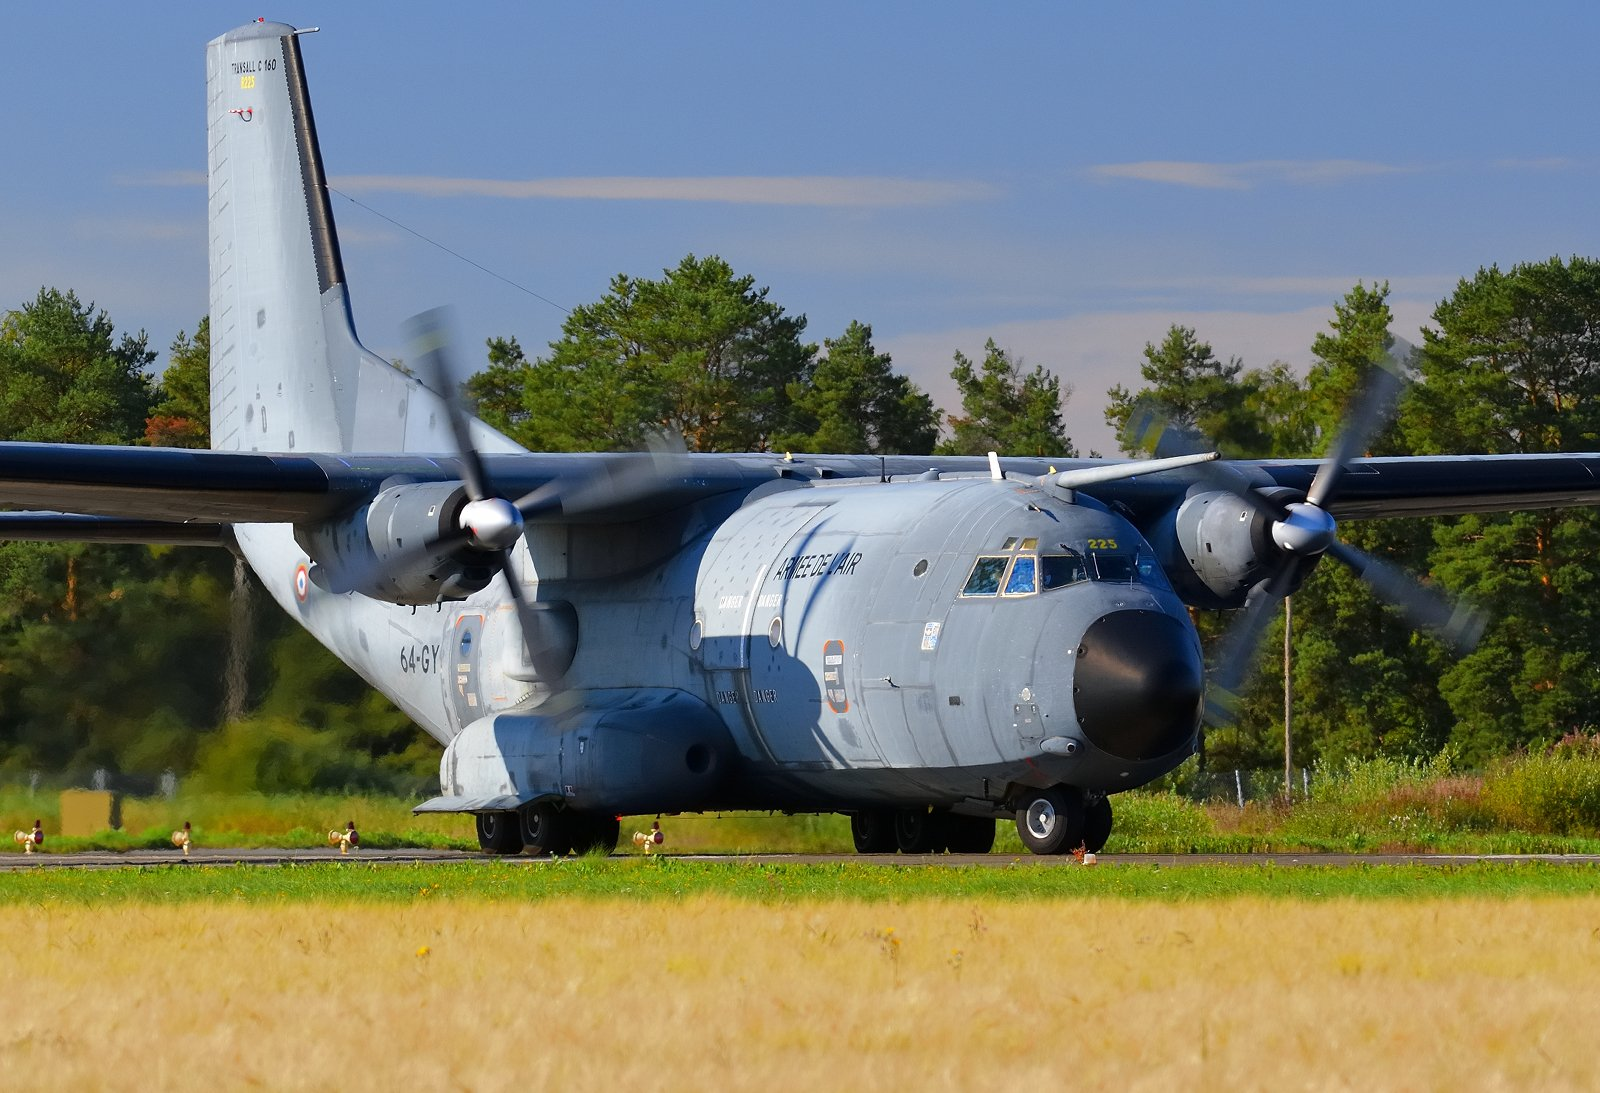 R225 - Transall C-160R - Armee De l'Air (Ranskan ilmavoimat) - 31.8.2020